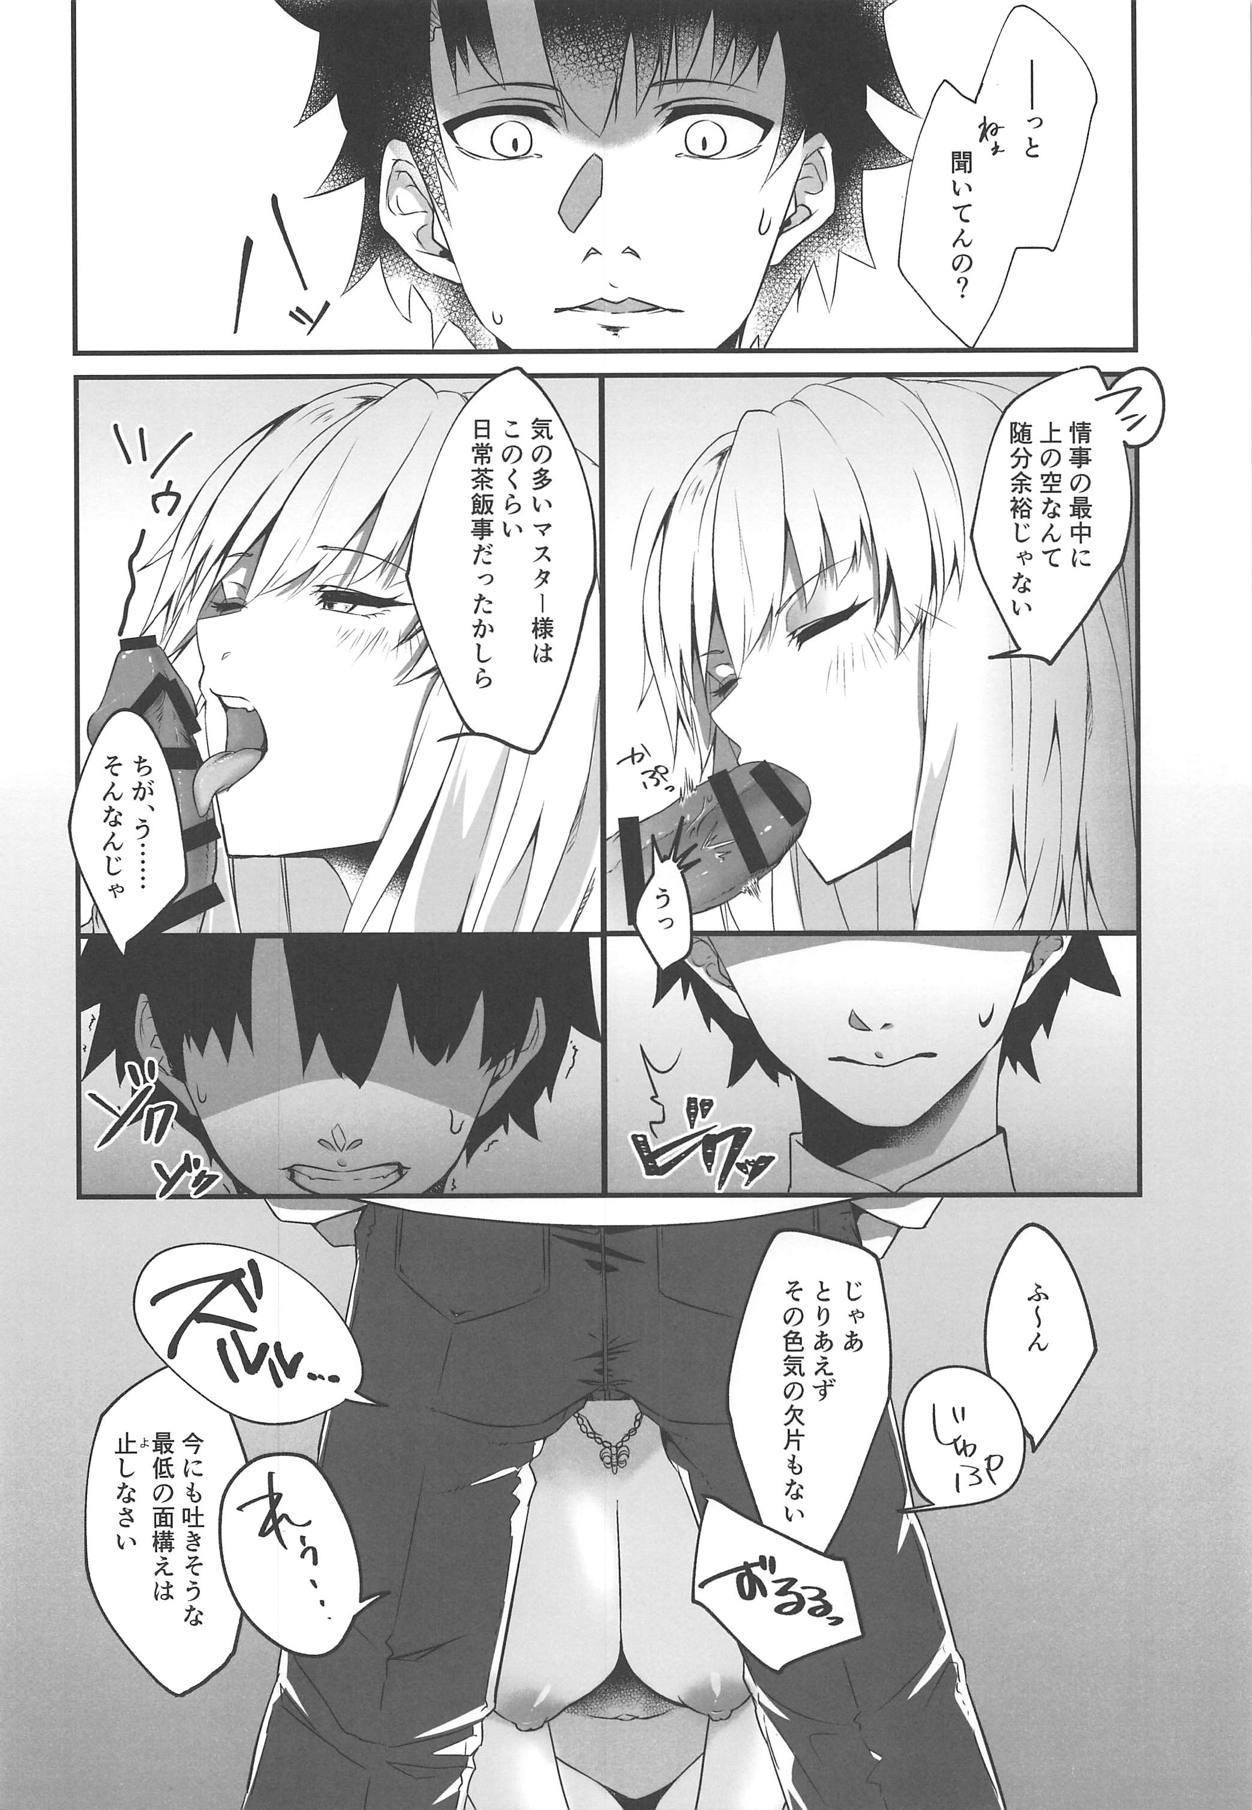 Seijo no Neyagoto 8